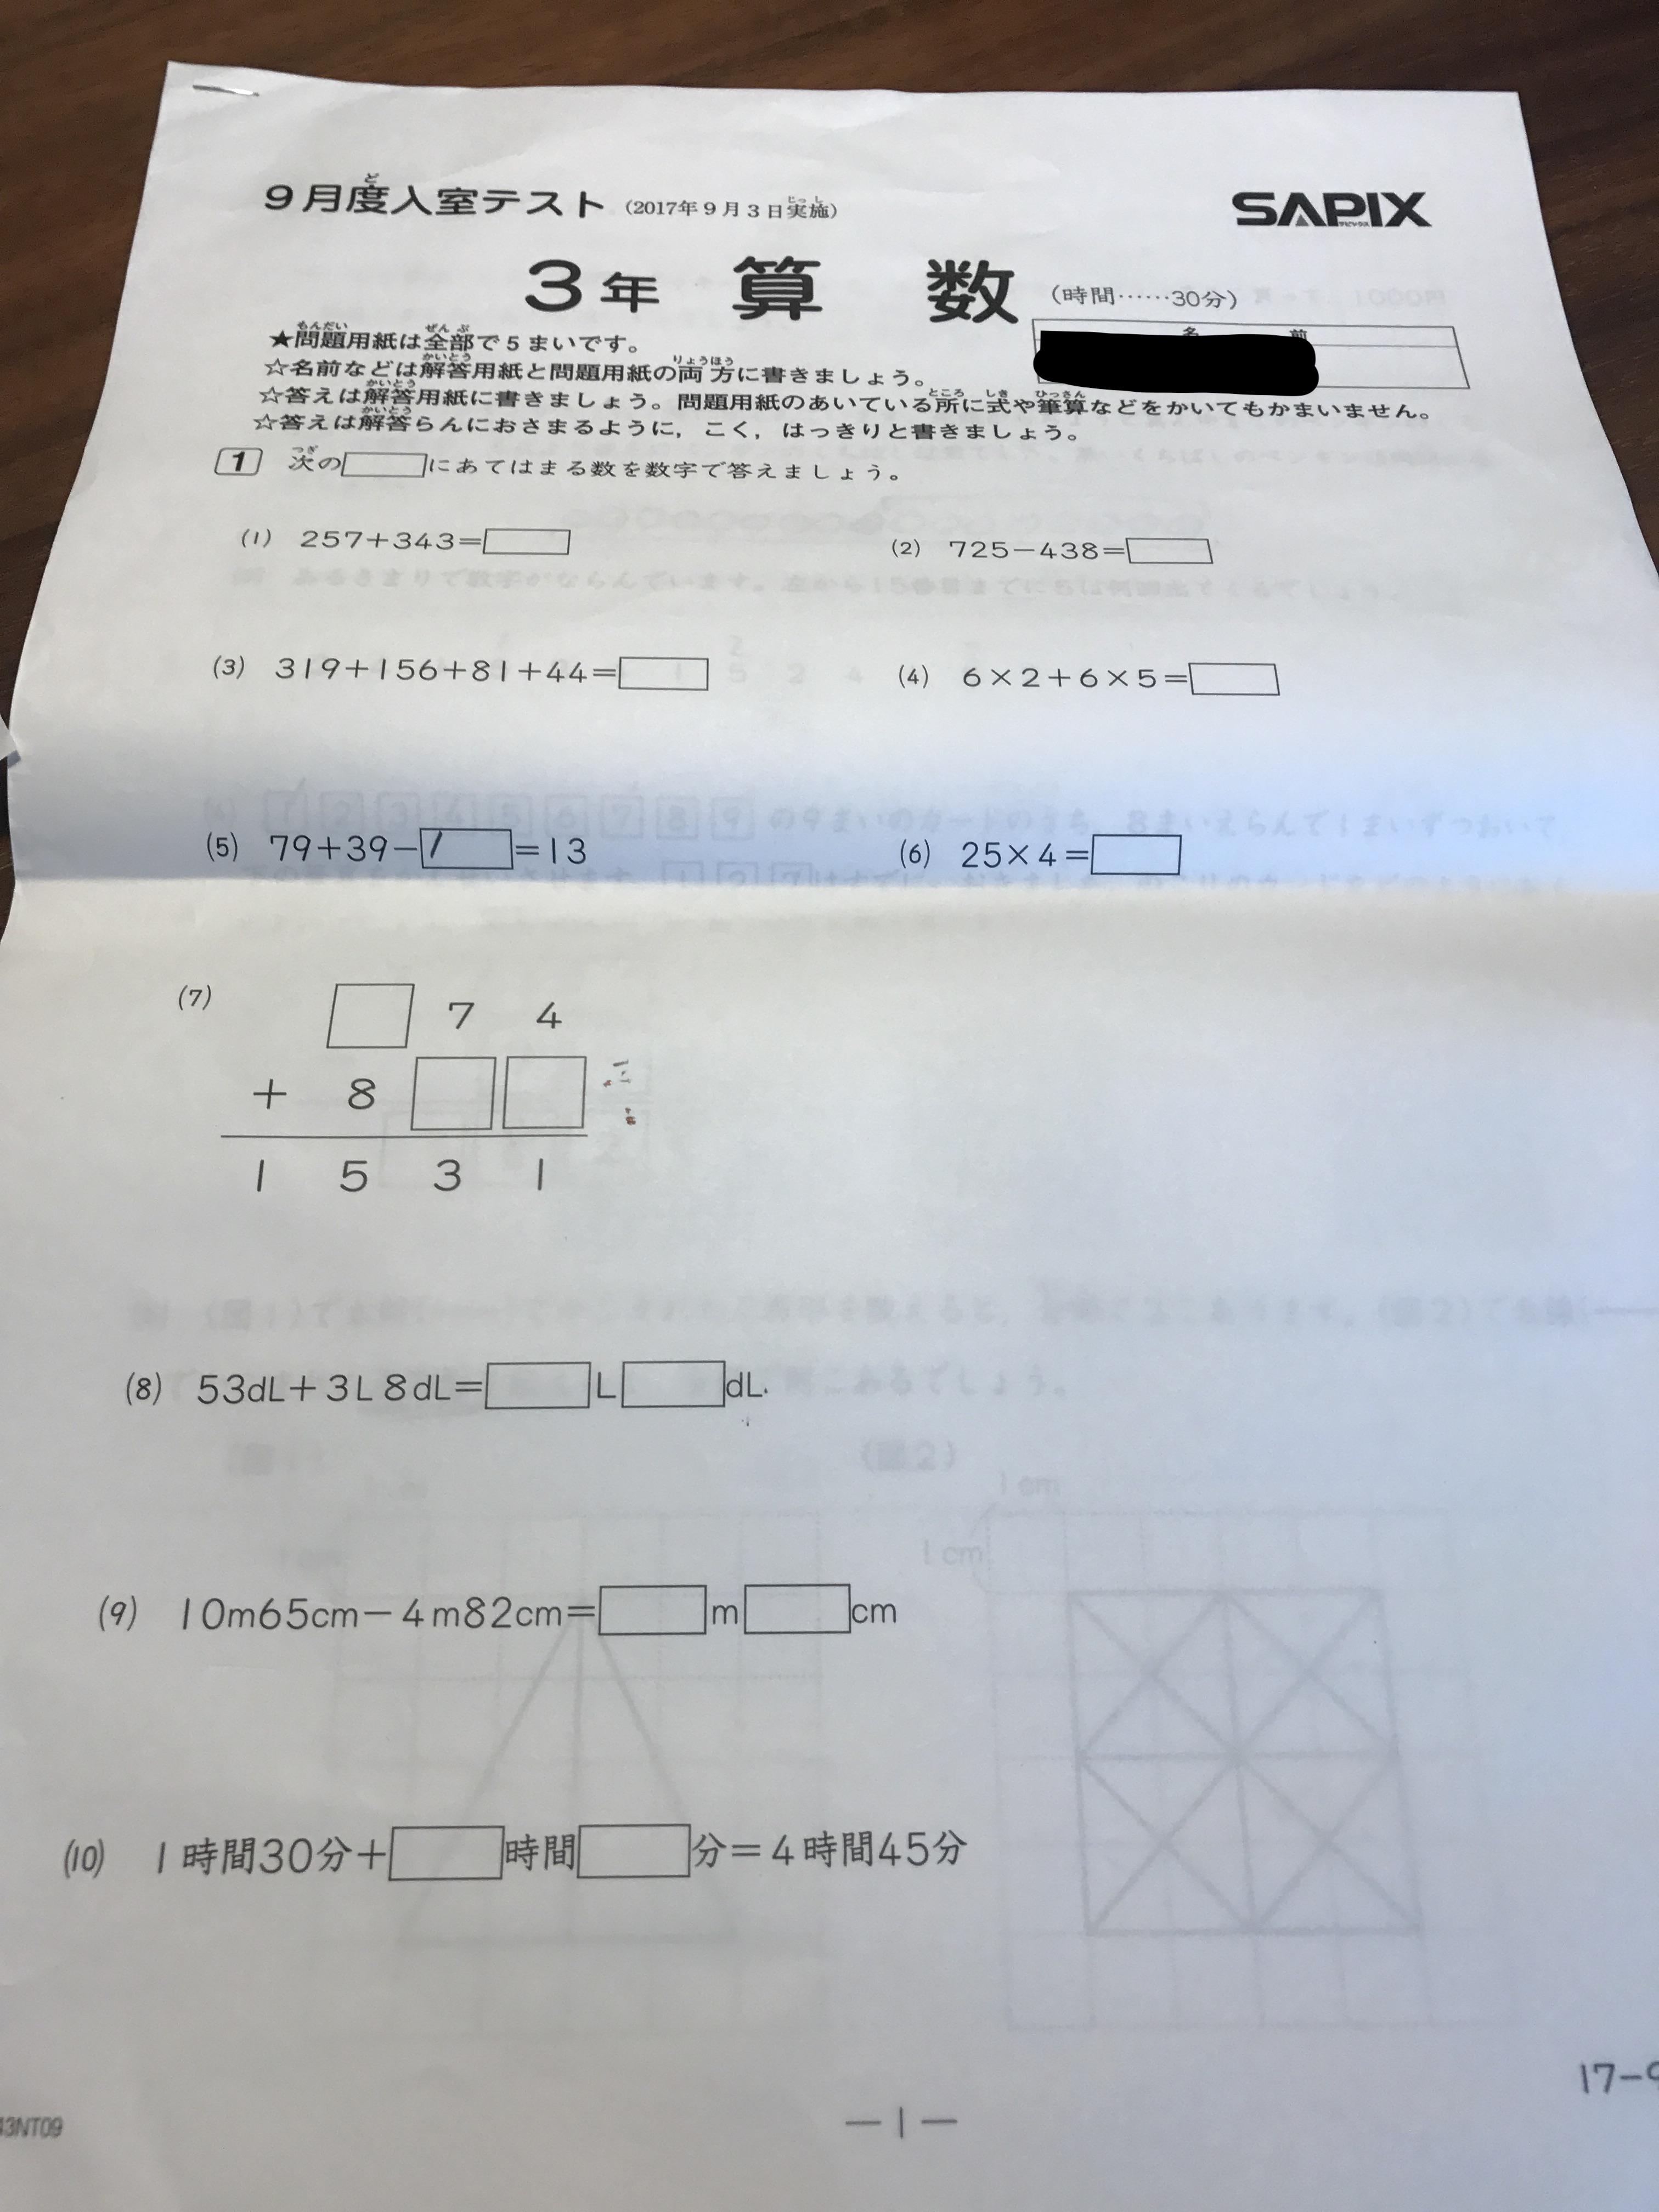 サピックス 入室 テスト ギリギリ